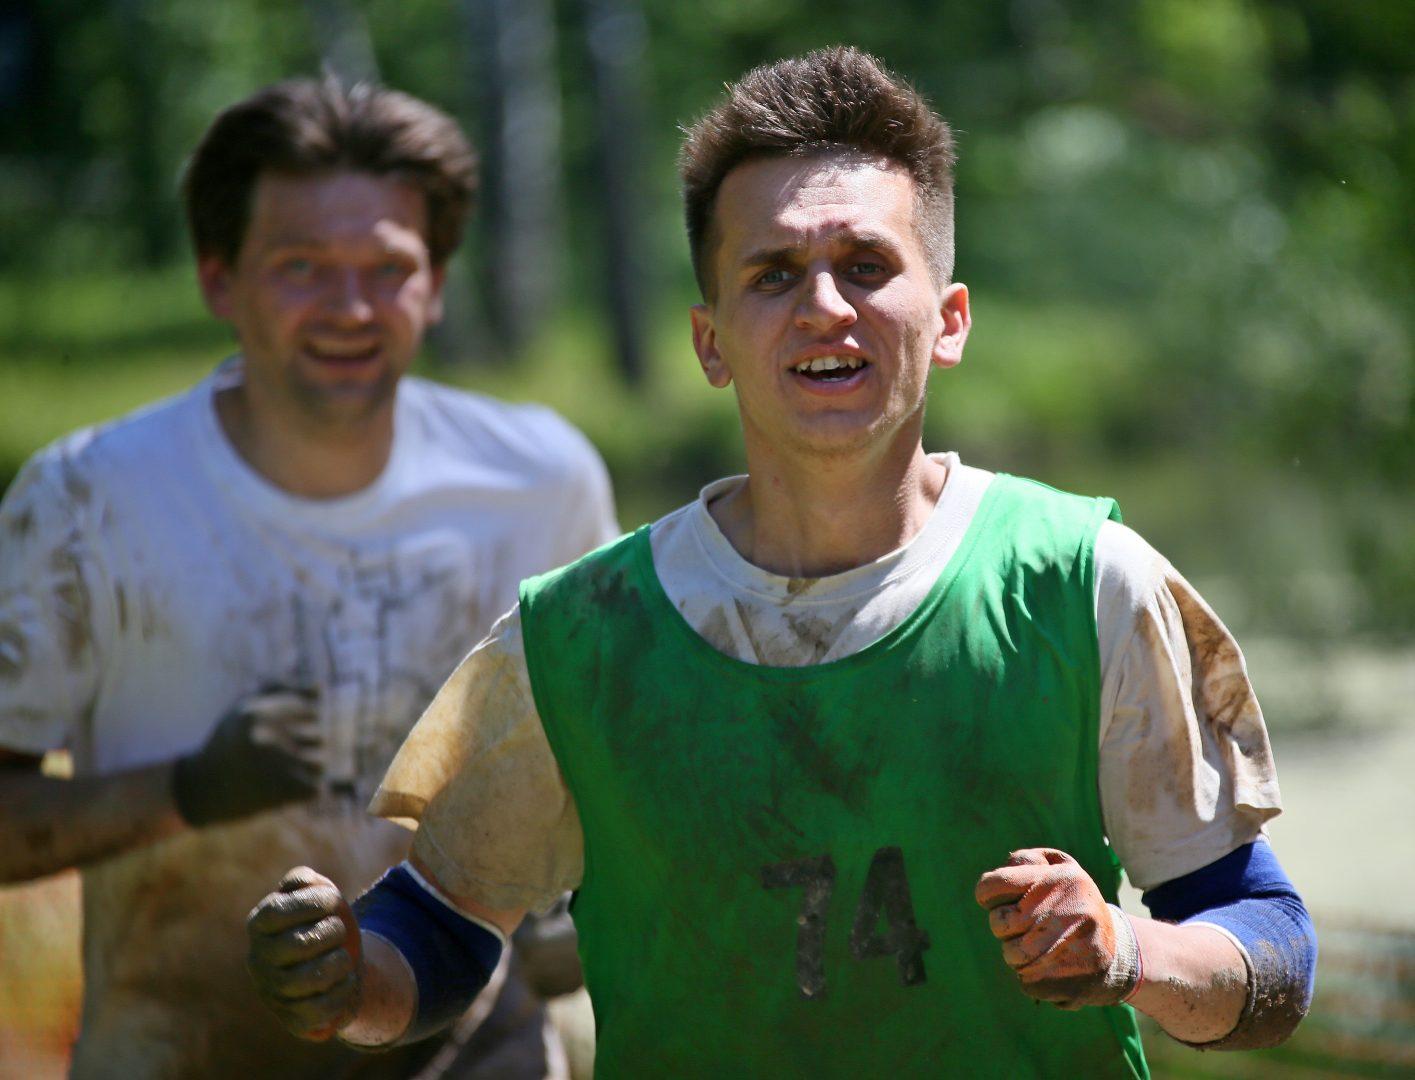 Алексей Зайцев не жалеет сил и рвется к финишу: все Сосен- ское на него надеется. Фото: Владимир Смоляков